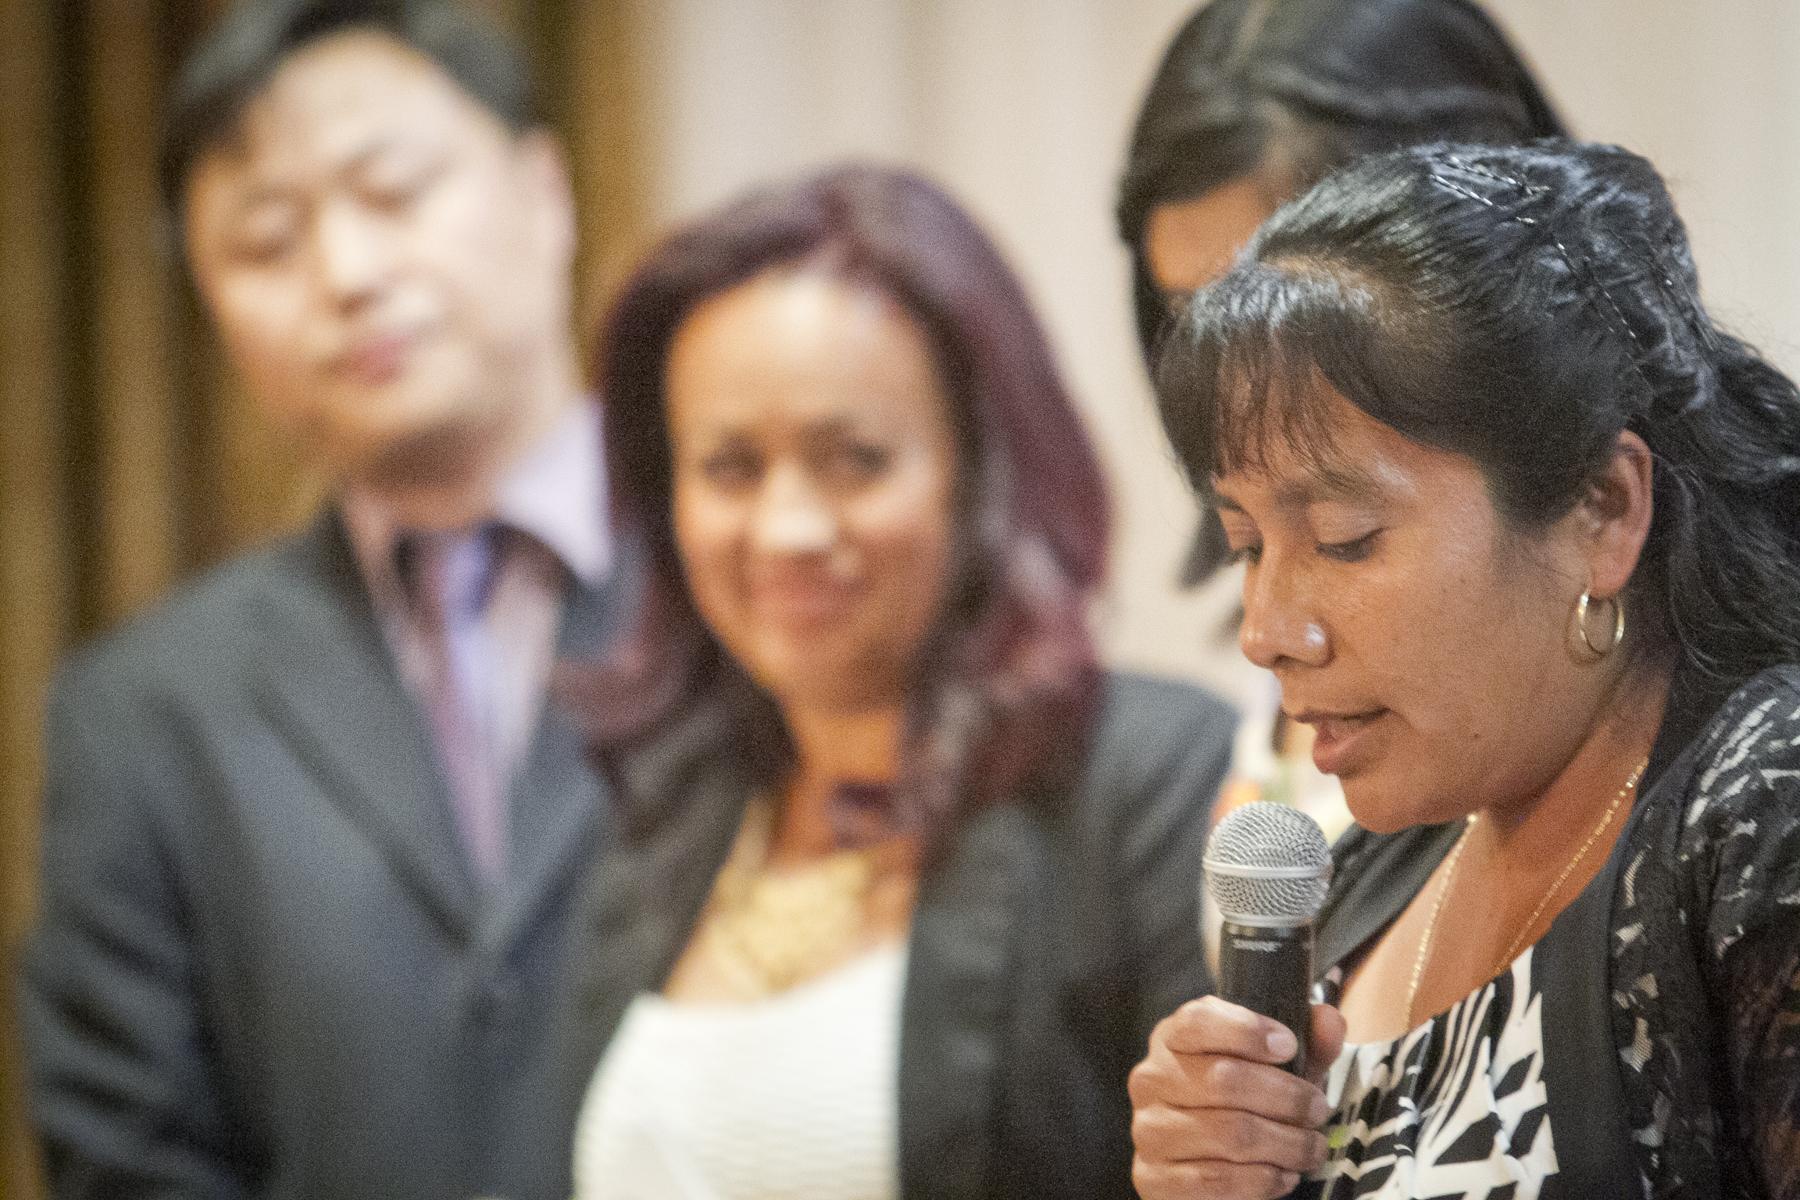 Woman_holding_a_speech